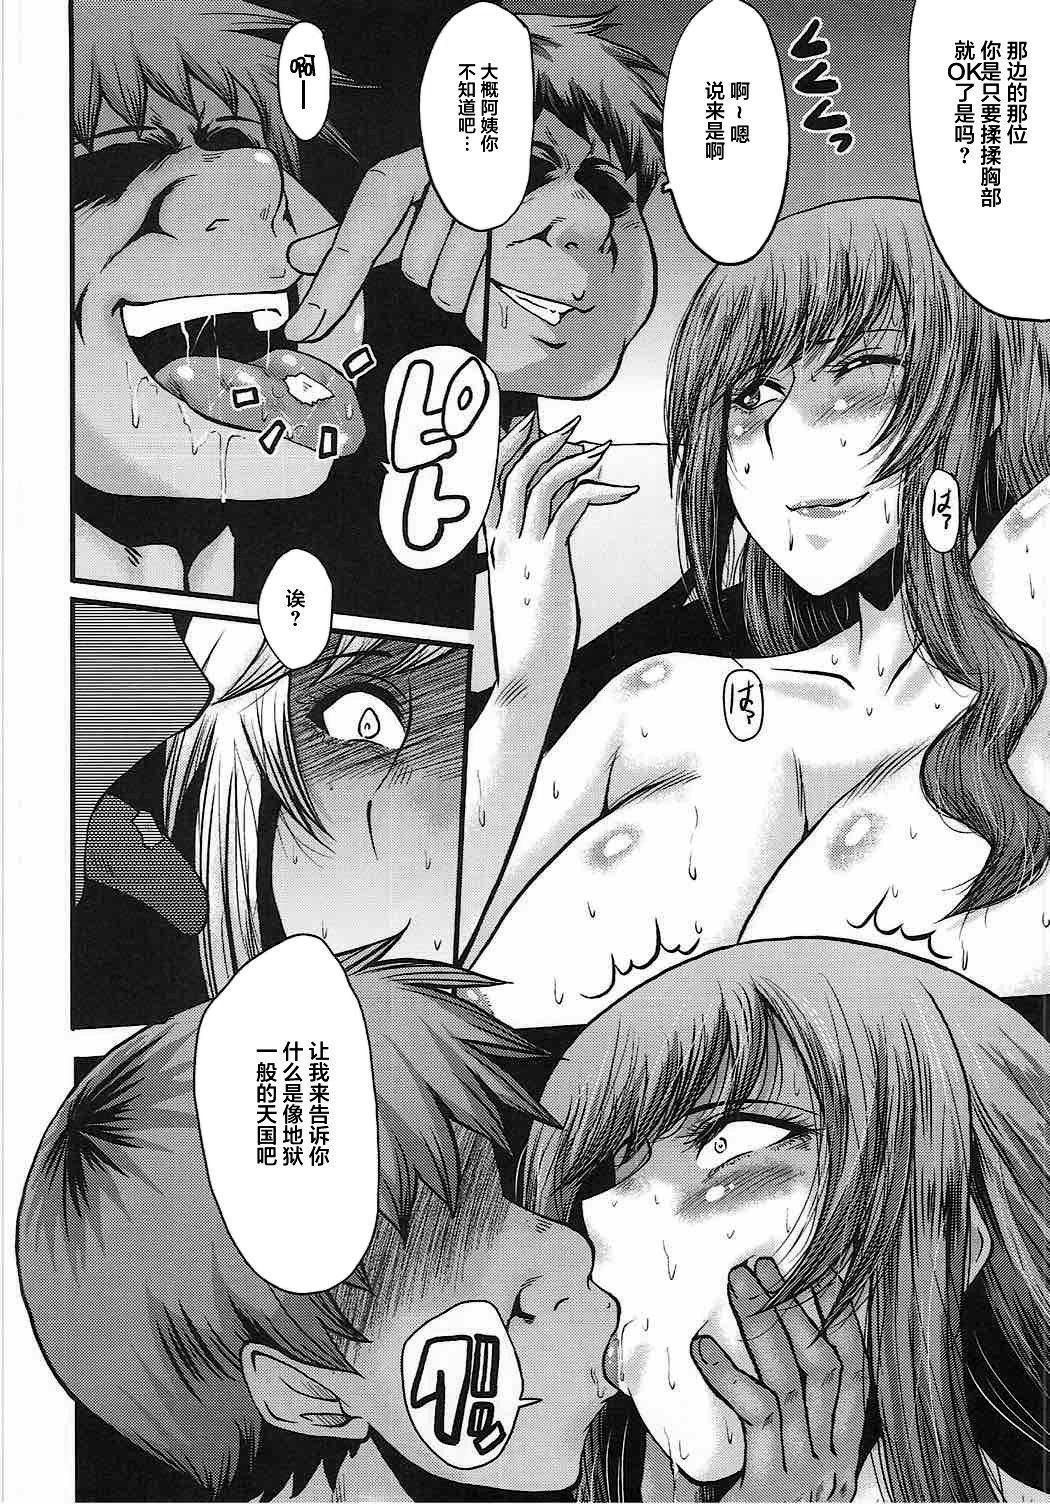 Urabambi Vol. 55 Yuukan Madam no Shiroi Niku 6